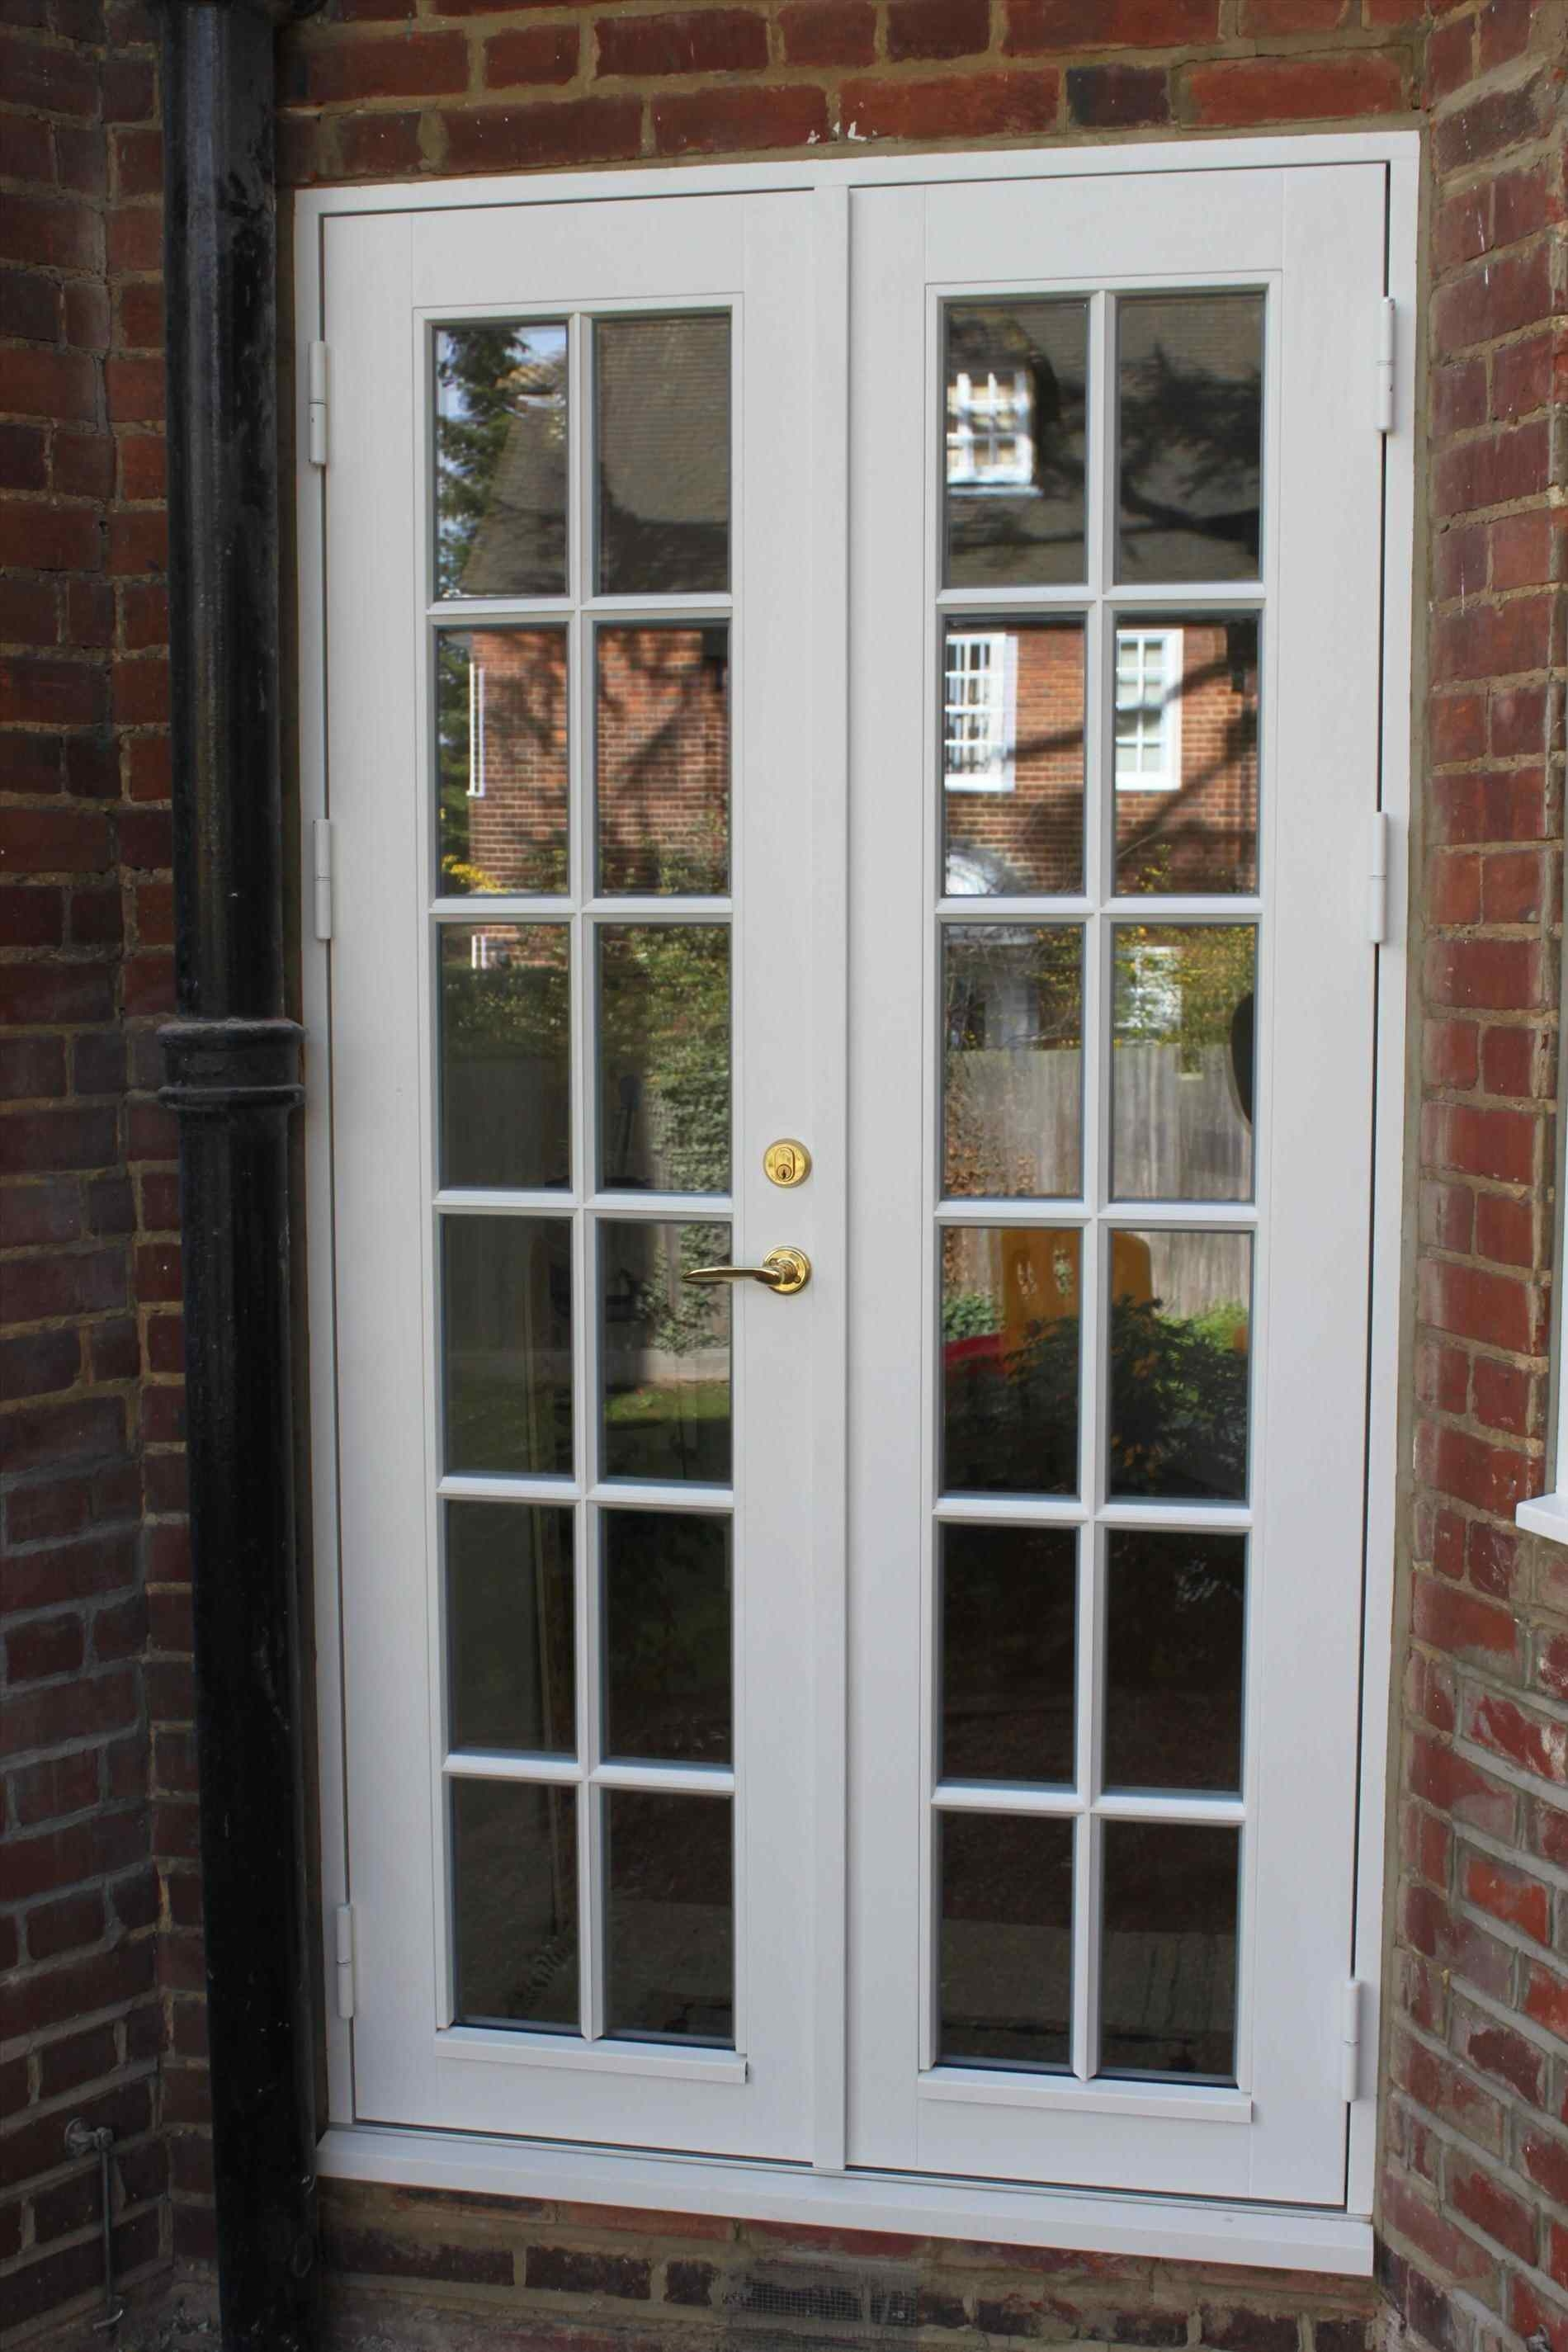 Pella 350 Series Sliding Door With BlindsPella 350 Series Sliding Door With Blinds